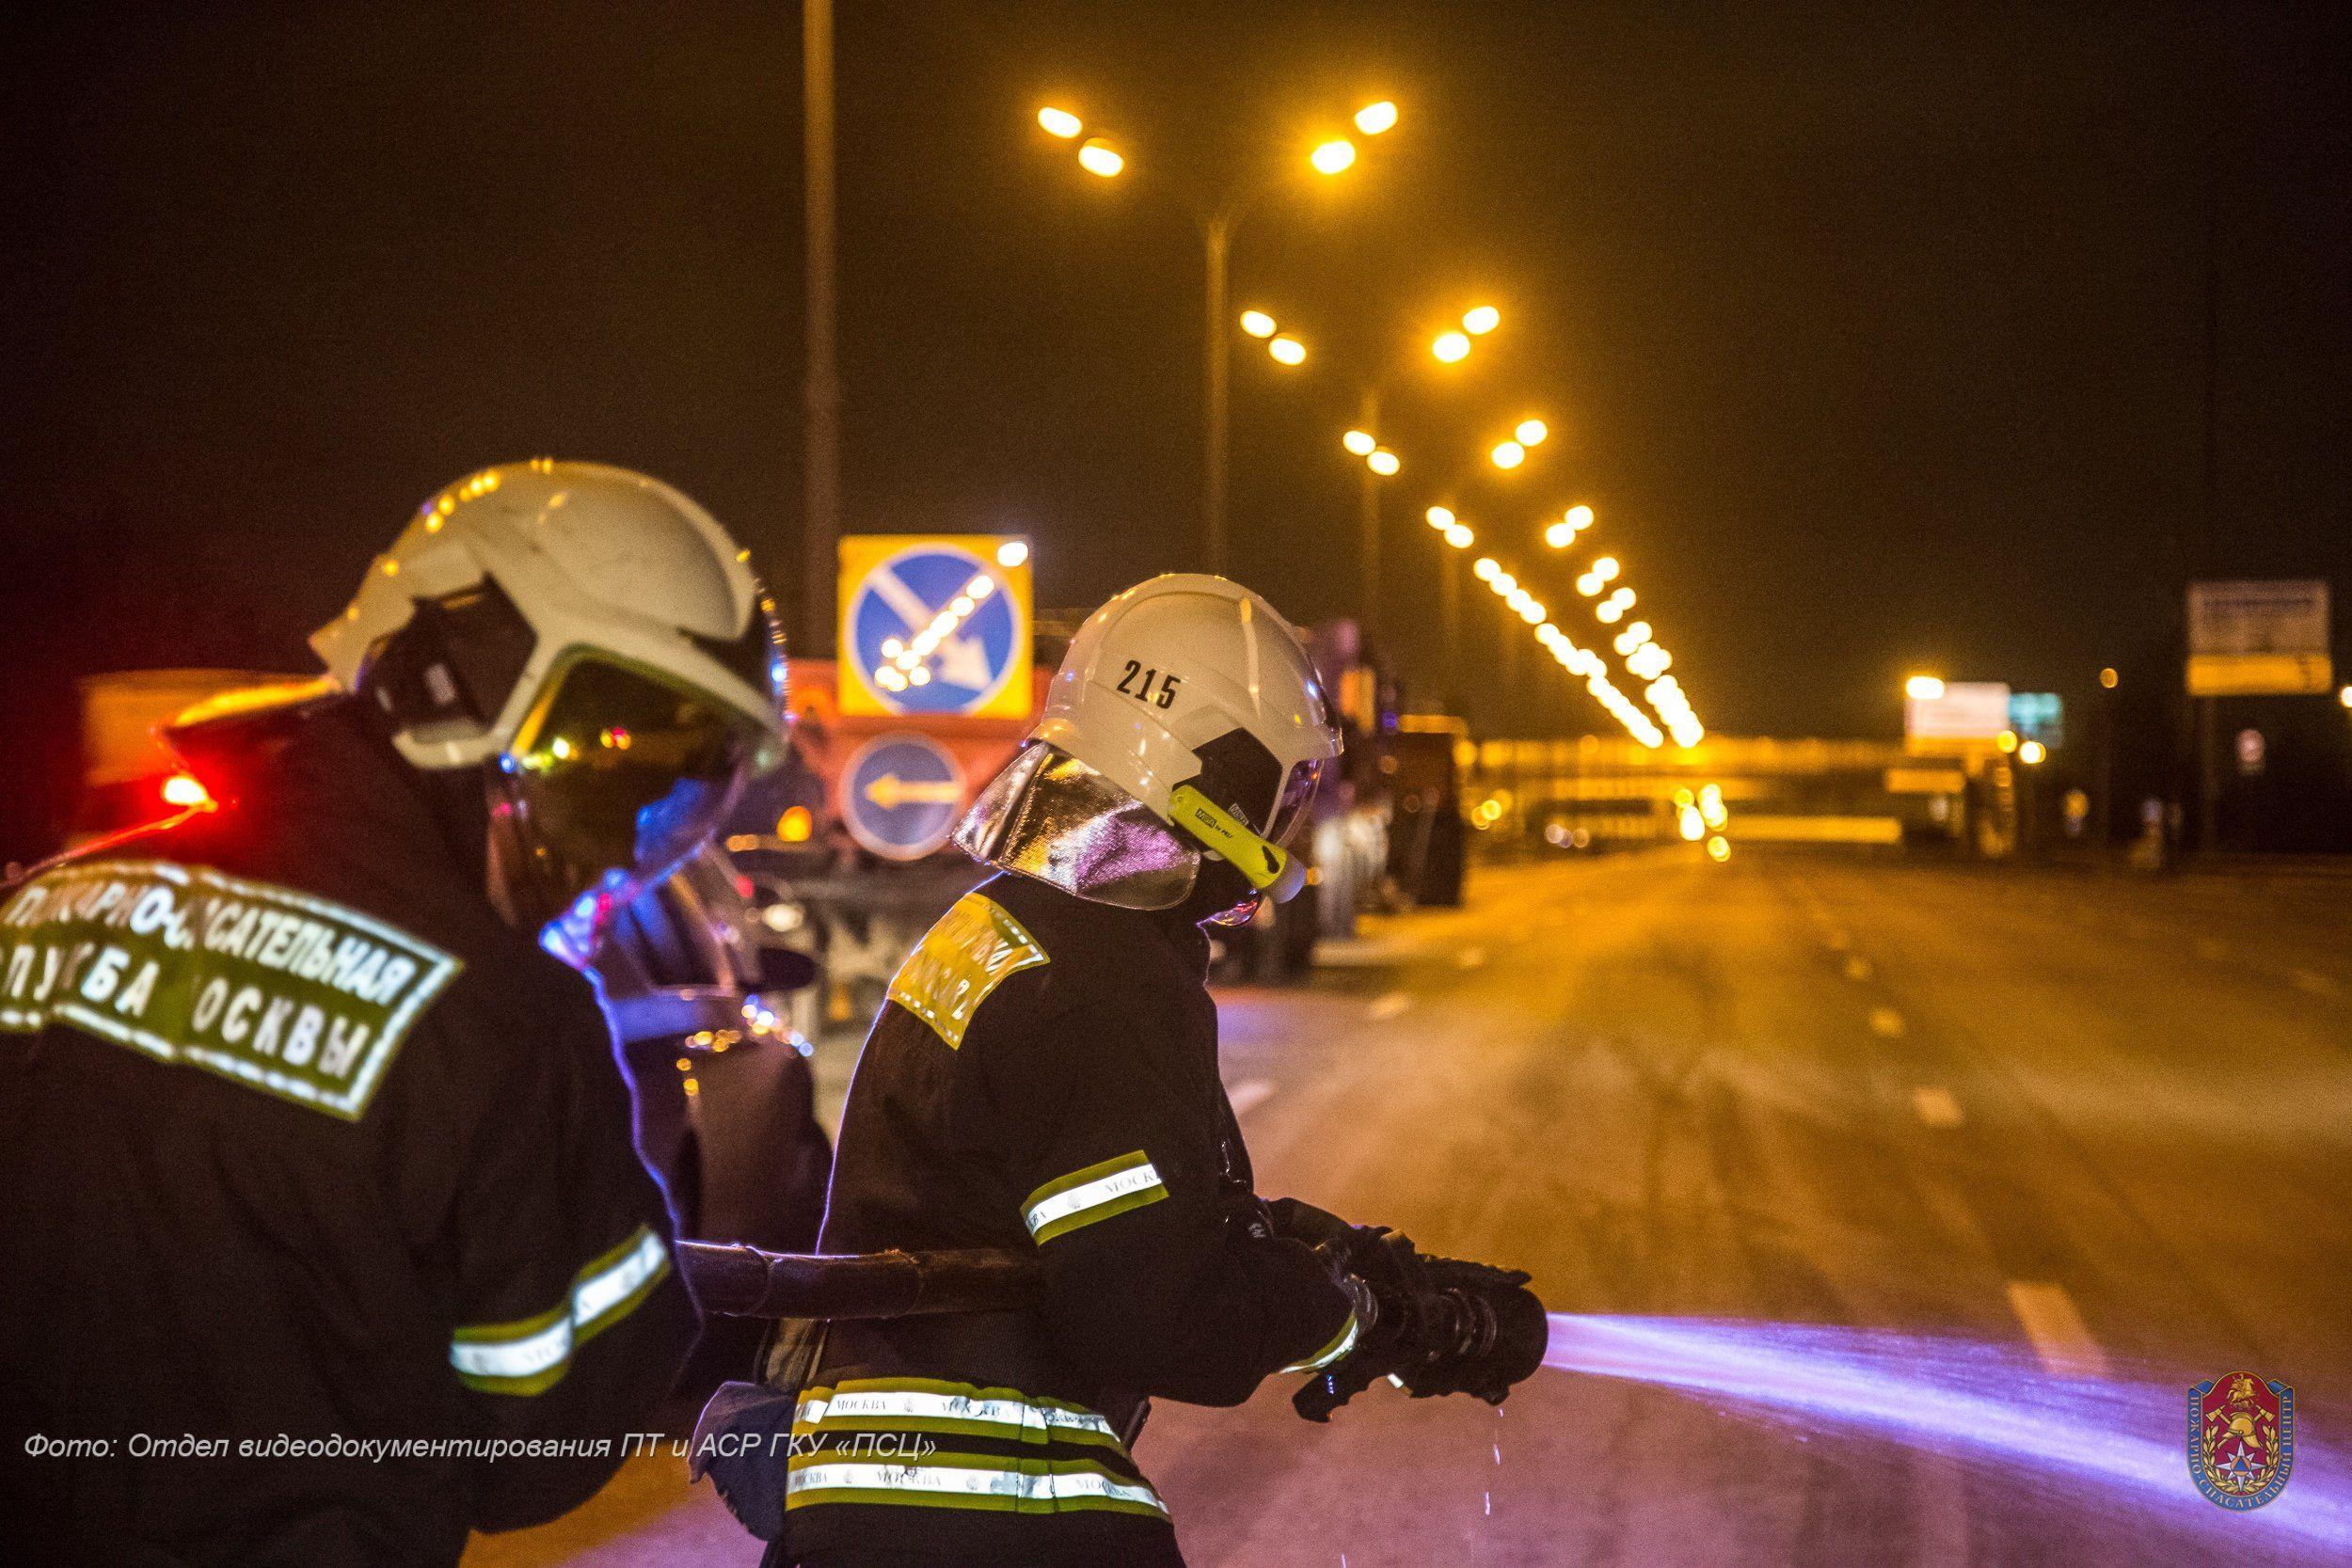 С начала ноября московские пожарные спасли 5 человек при ДТП